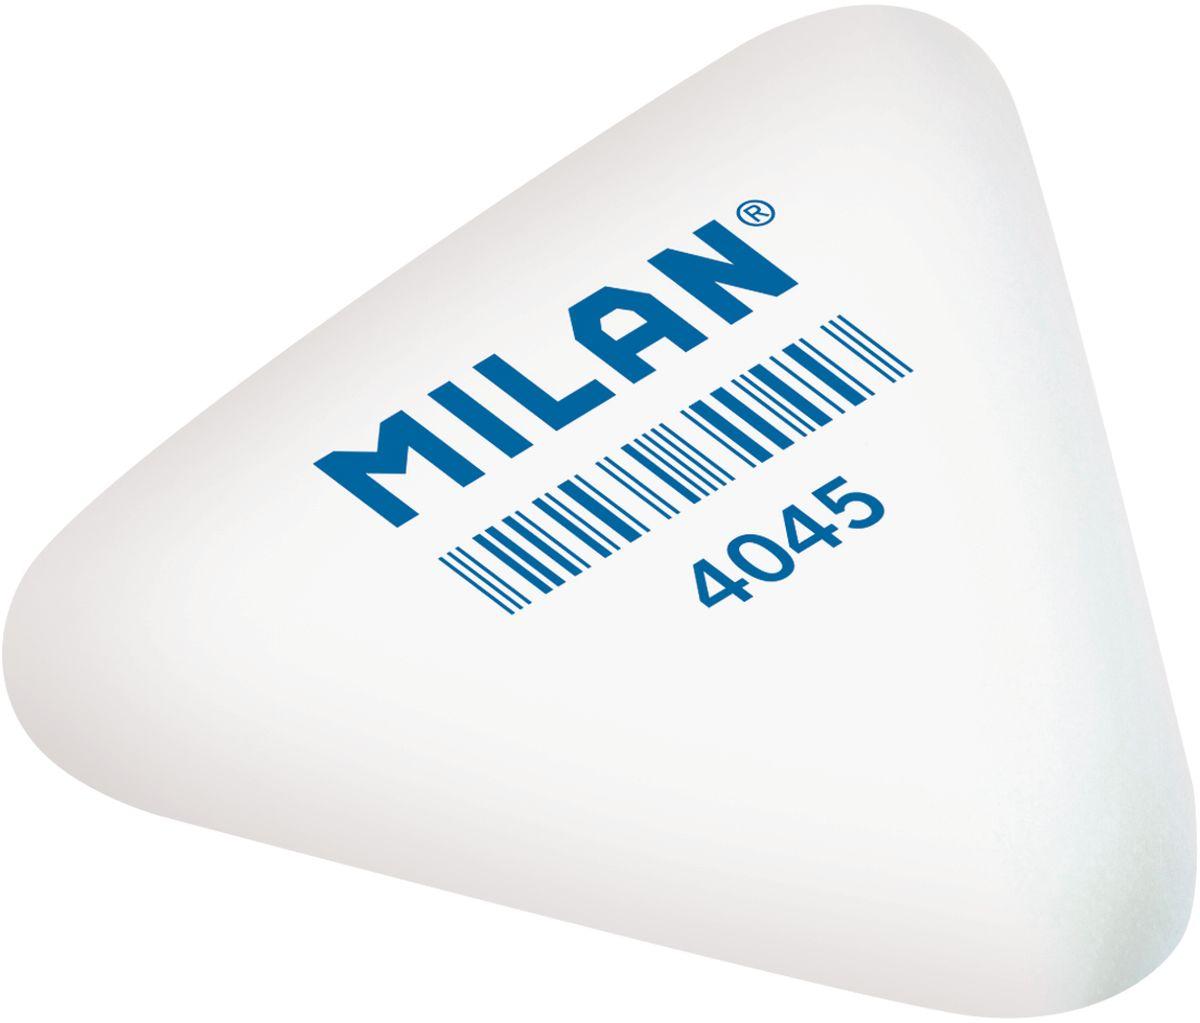 Milan Ластик 4045 треугольныйPMM4045Мягкий синтетический каучуковый ластик треугольной формы. Подходит для удаления штрихов от большинства графитовых карандашей на всех видах поверхностей.